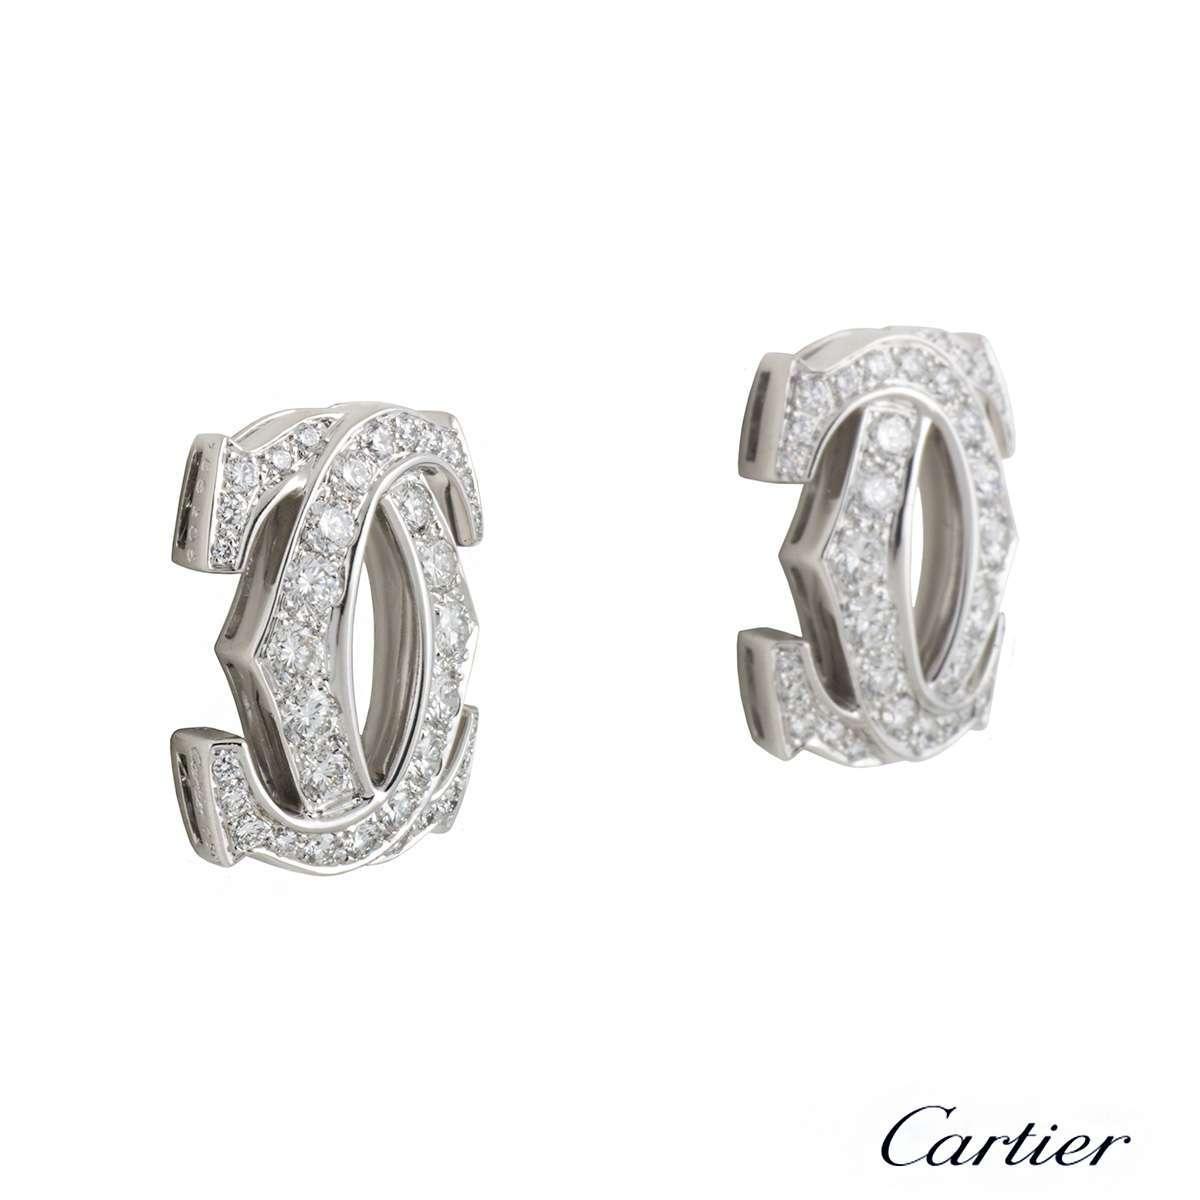 C de Cartier Diamond White Gold Earrings N8020200